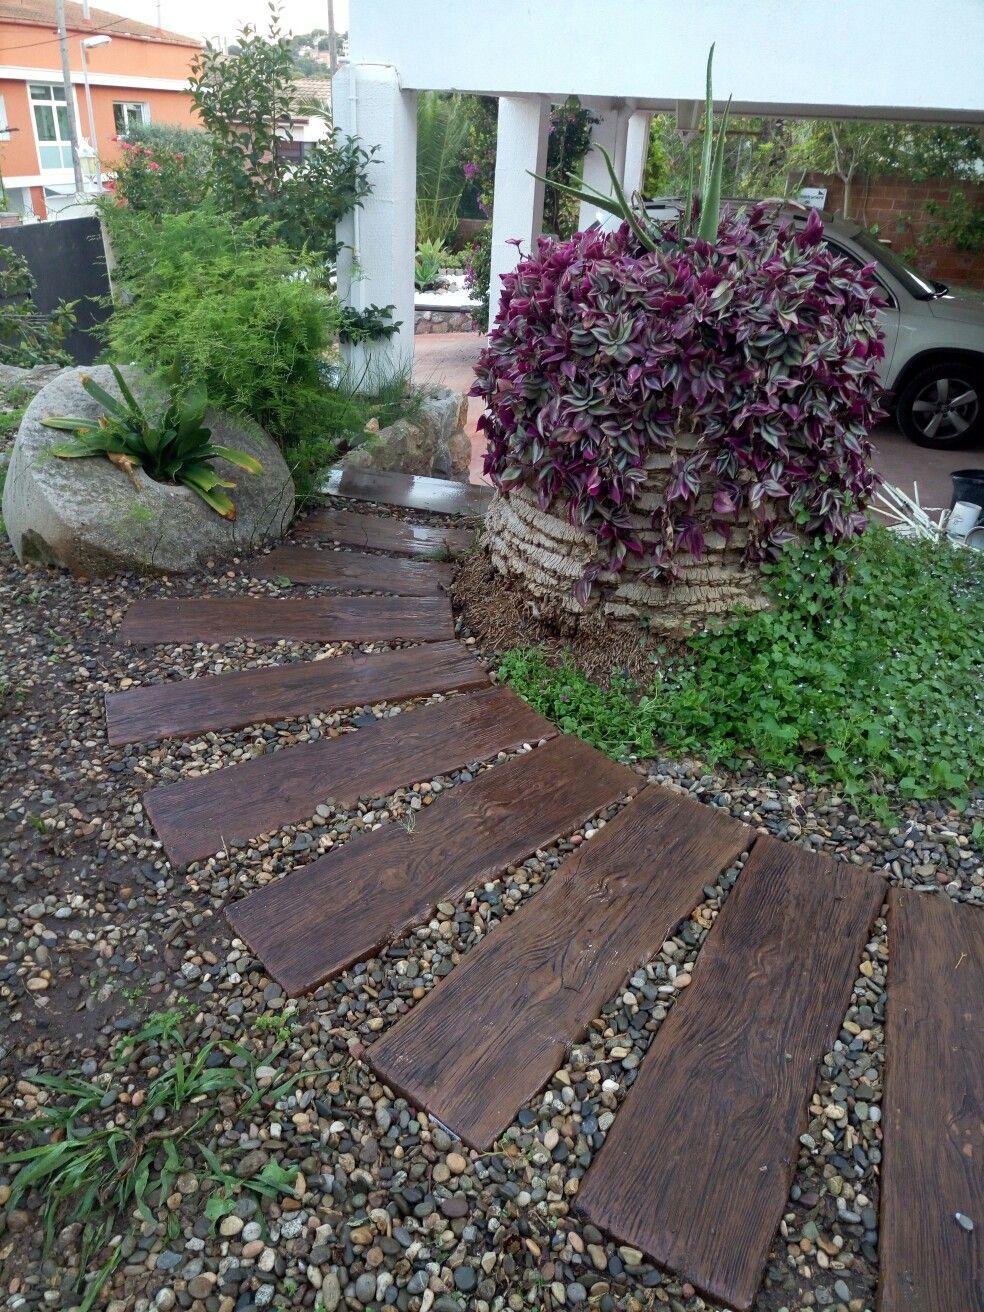 Camino de madera jardin pretty girls - Camino de piedras para jardin ...